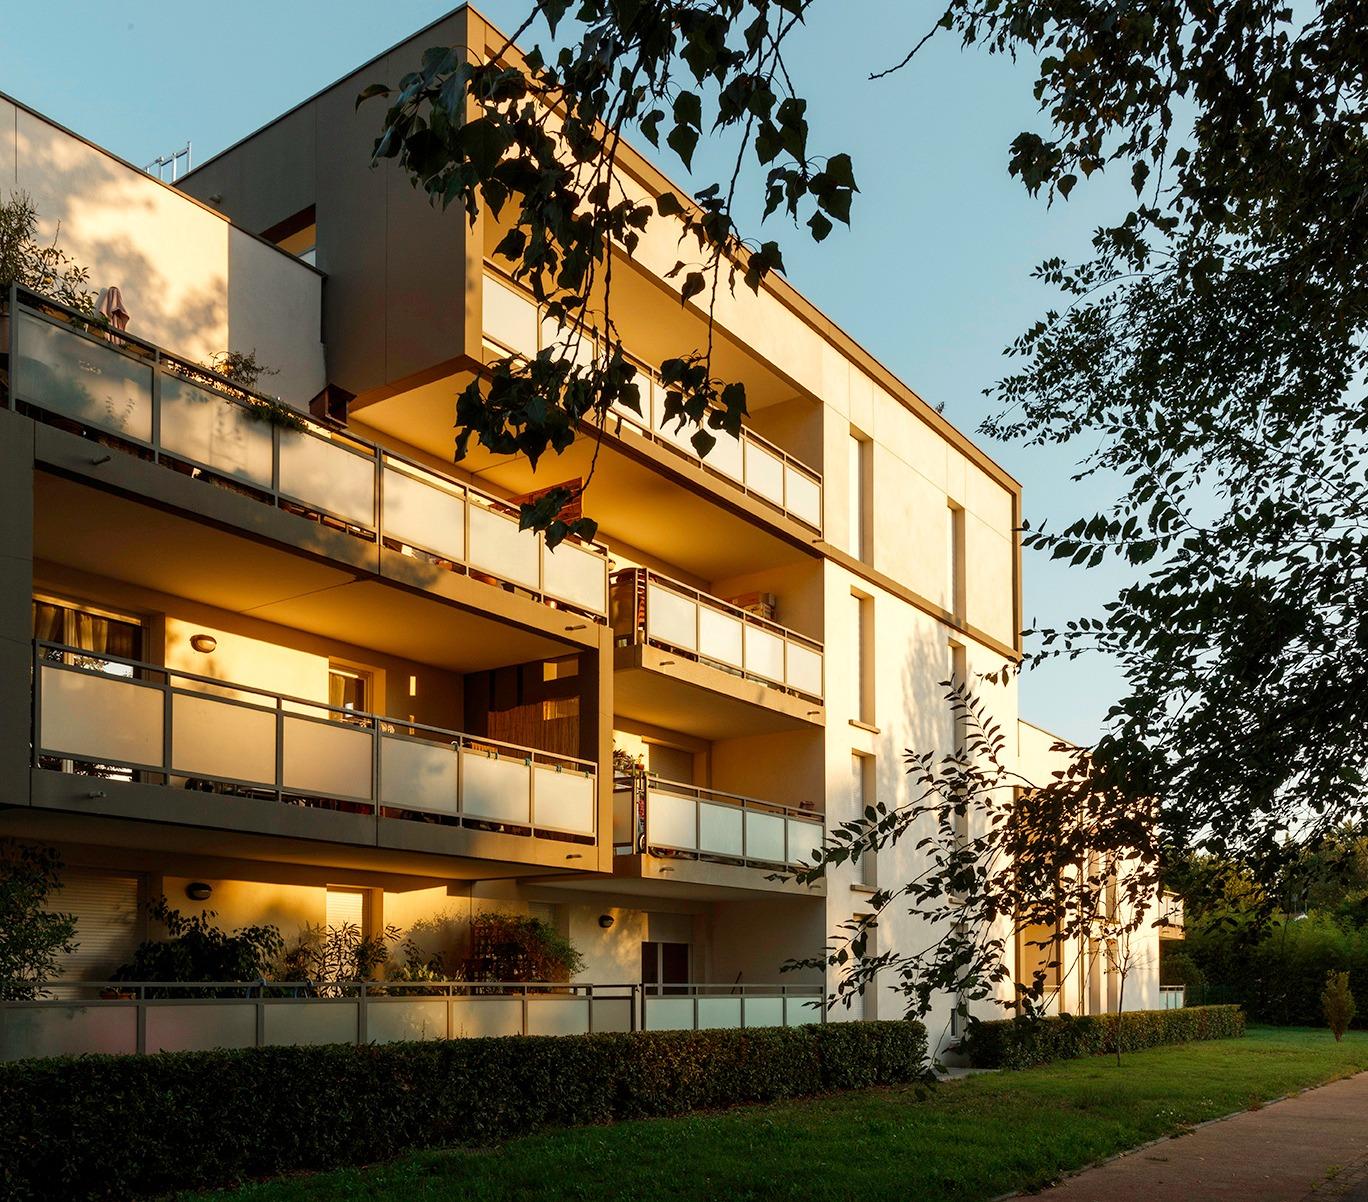 Lotissement-du-Grand-Selve---Rue-Pierre-Cot-et-rue-Simone-Henry---Toulouse-MR3A-1